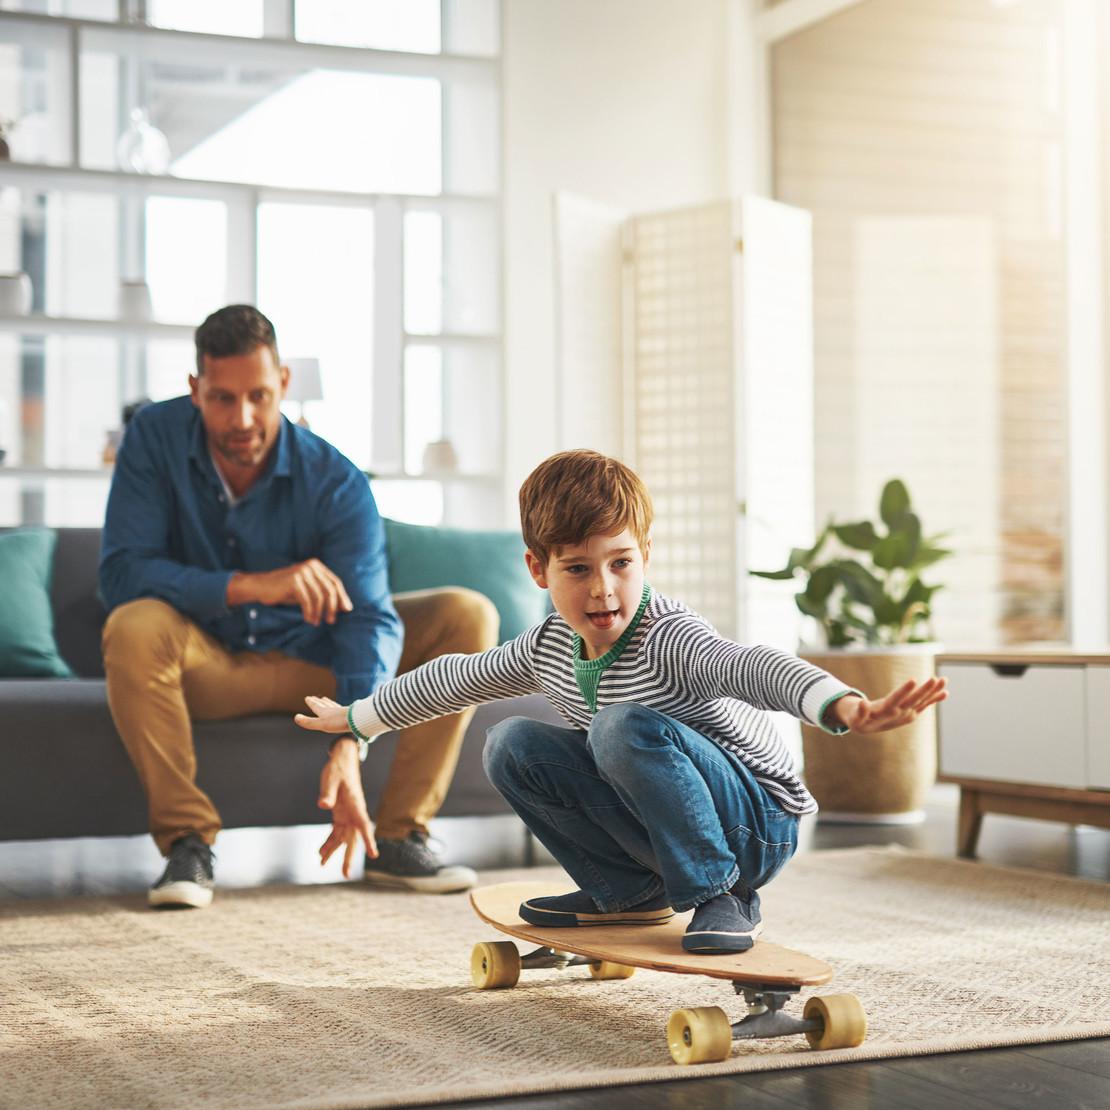 Fotografie eines Mannes in einer modernen Wohnung. Vor ihm macht ein Kind auf einem Skateboard Gleichgewichtsübungen.